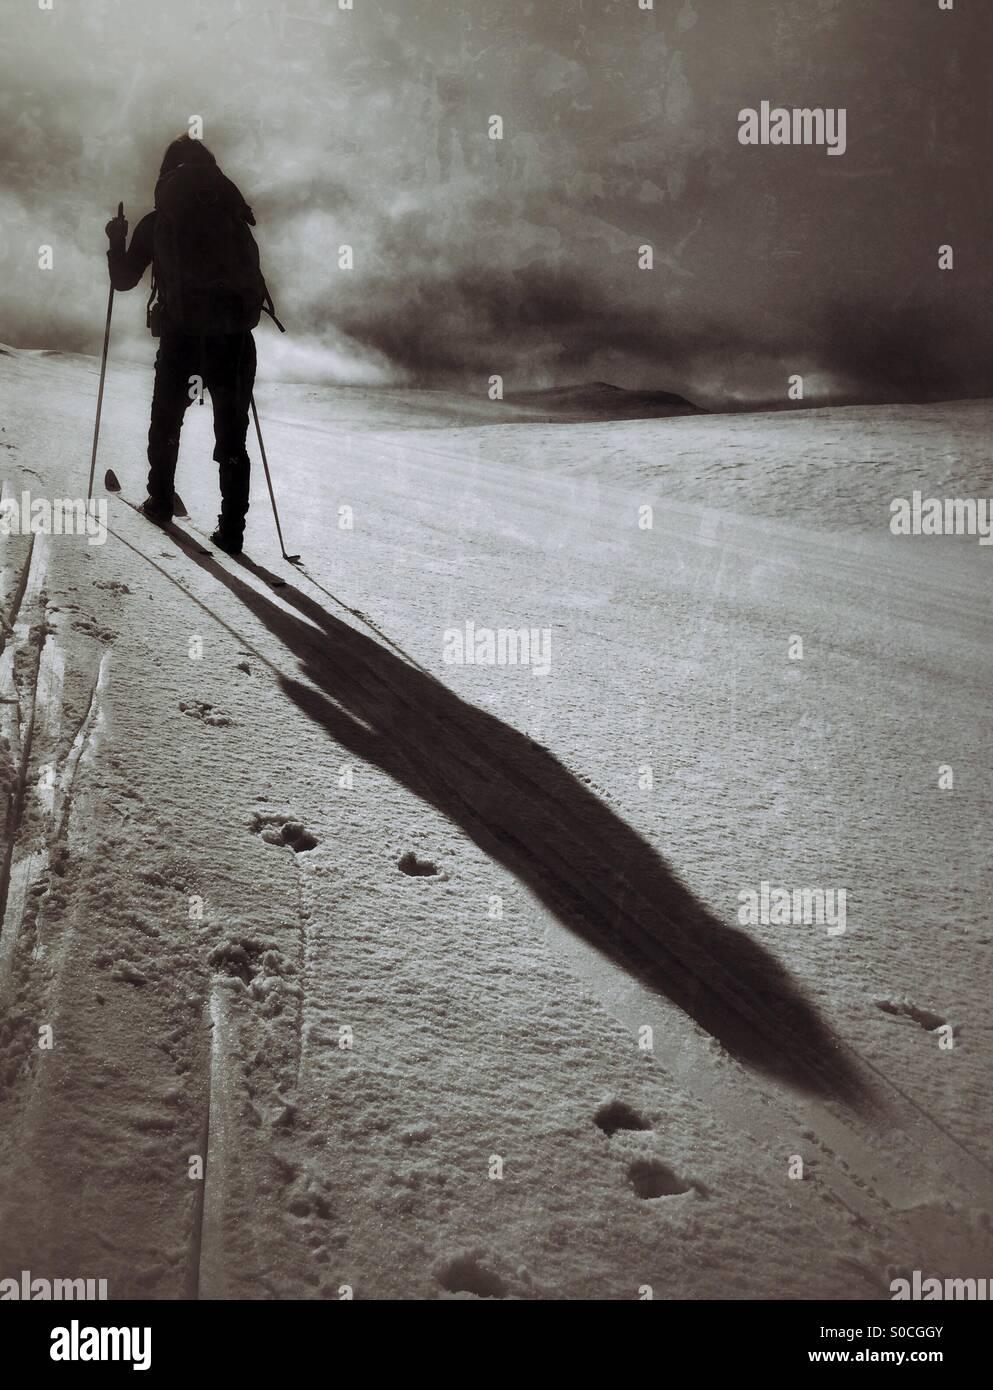 Langlaufen auf der Hardangervidda, Norwegen, wirft einen langen Schatten im Schnee. Stockbild